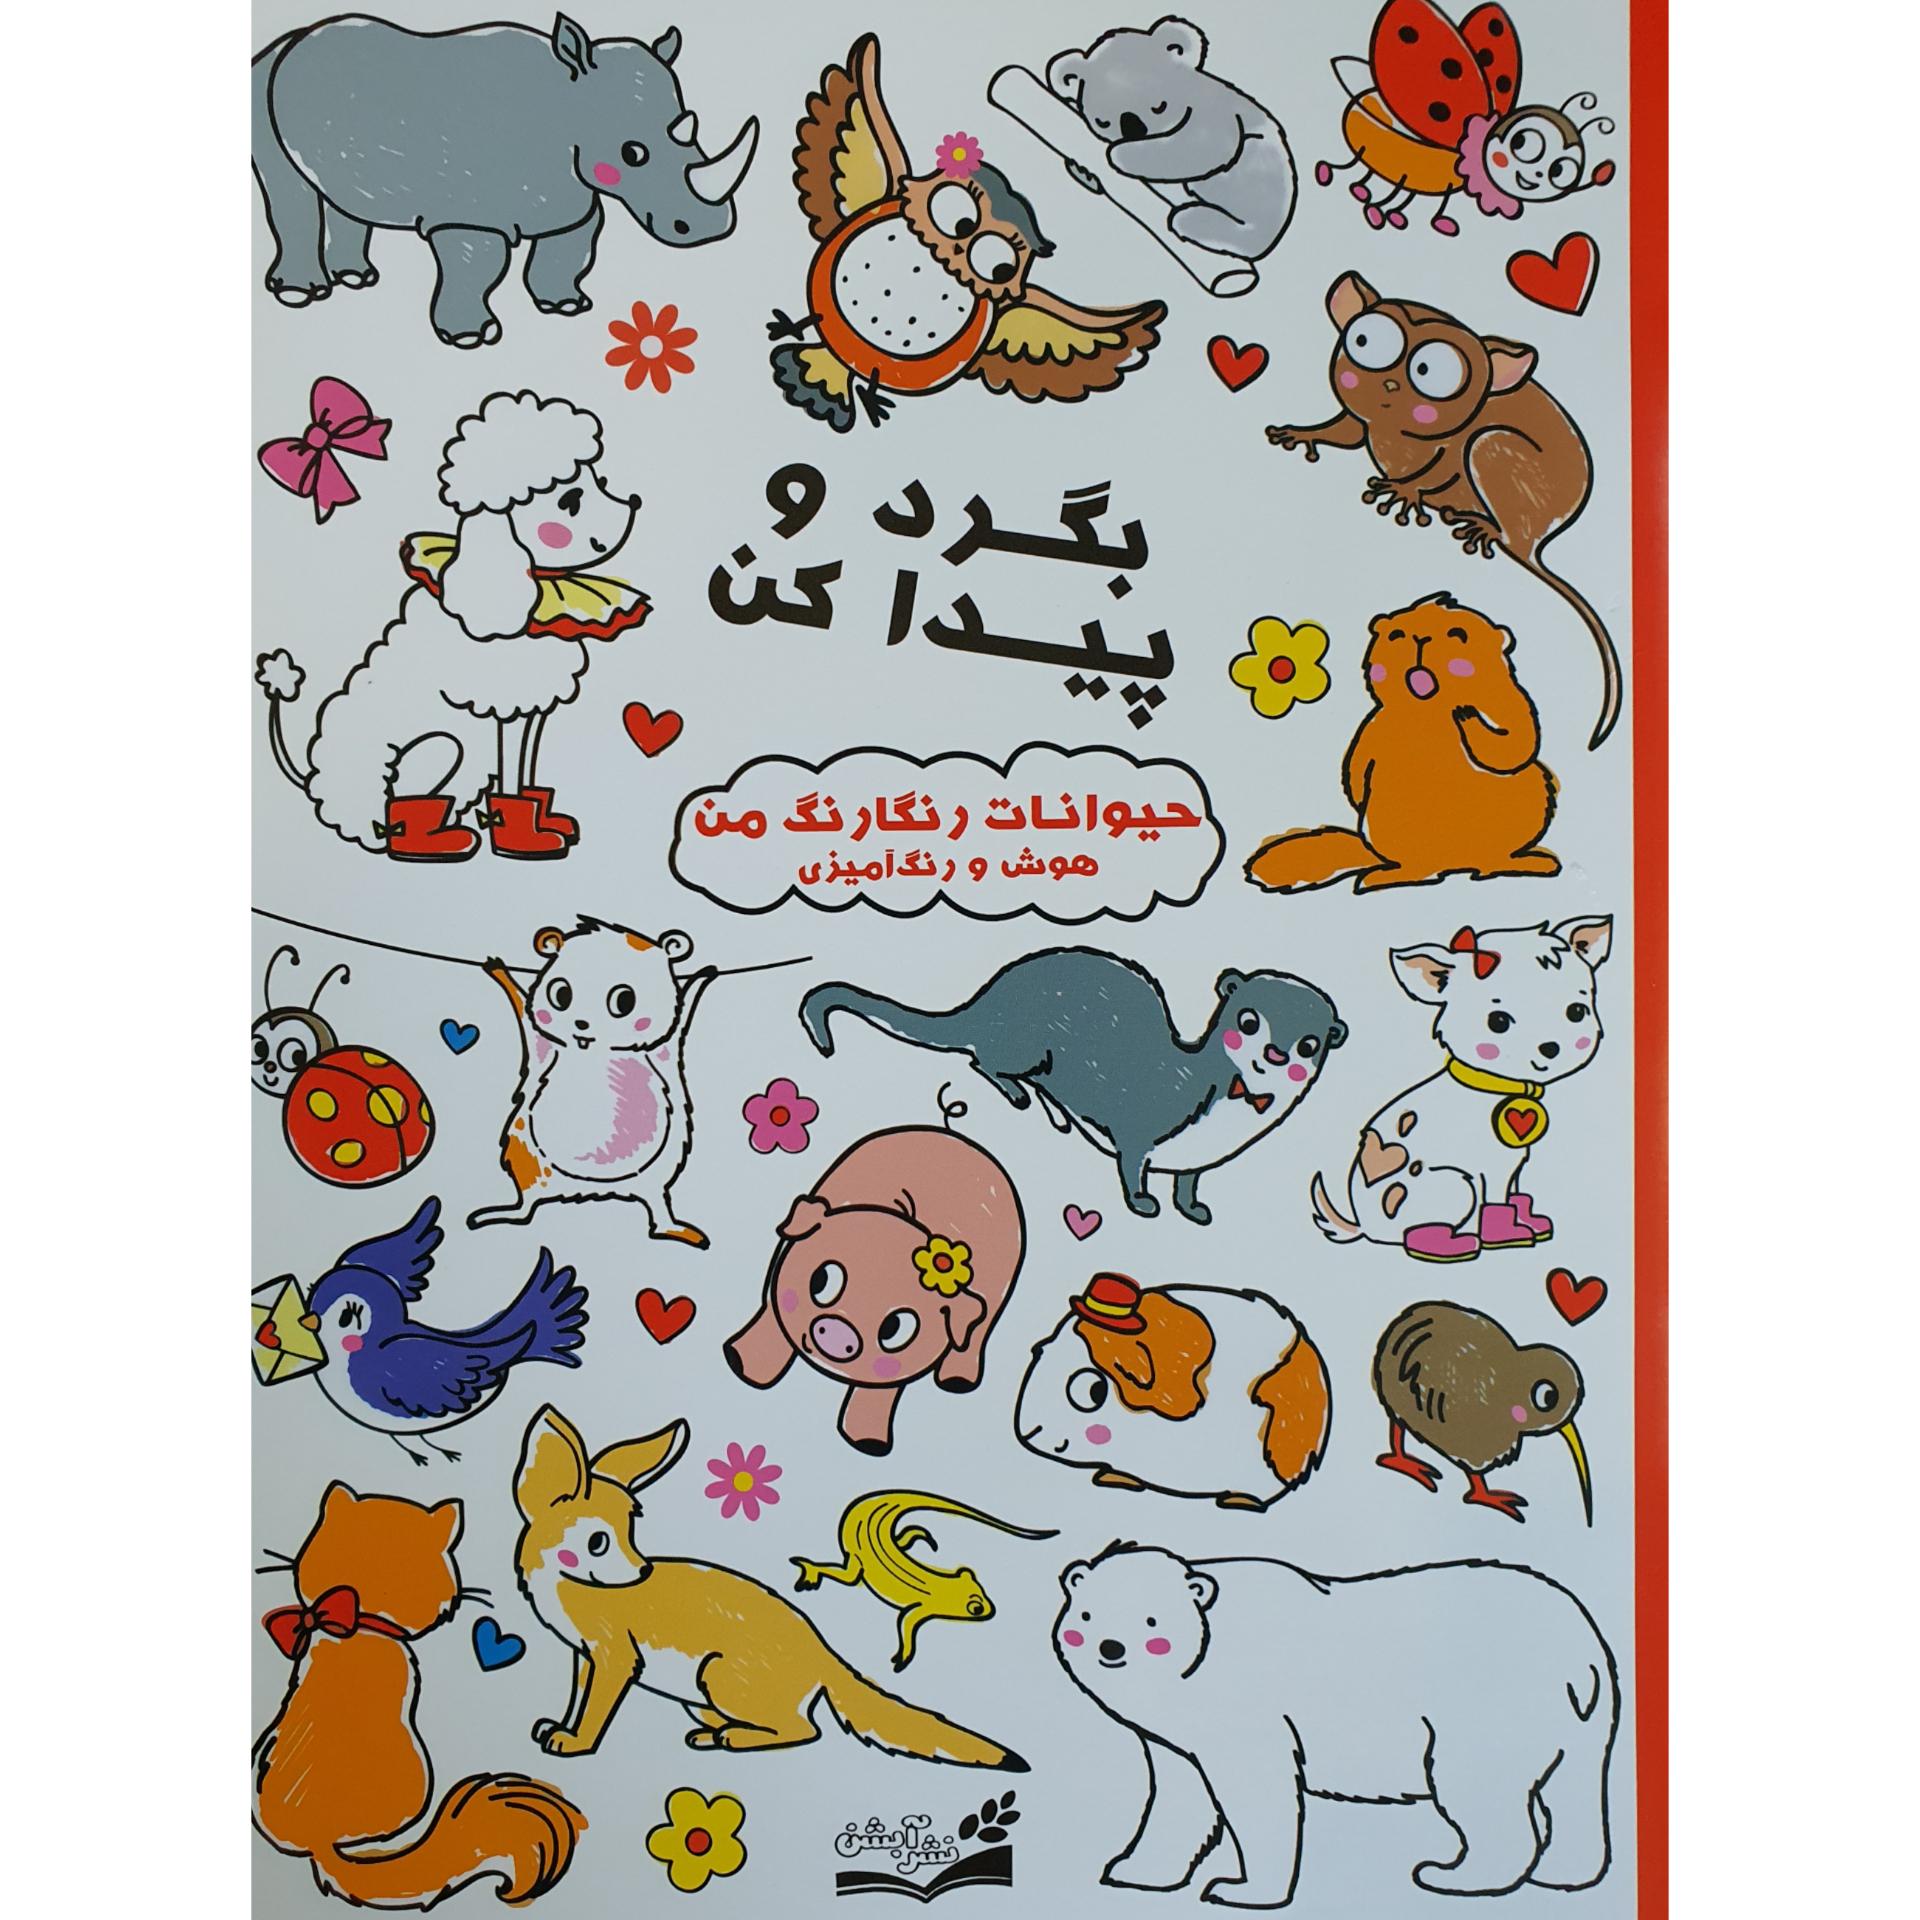 کتاب بگرد و پیدا کن حیوانات رنگارنگ من هوش و رنگ آمیزی اثر جمعی از نویسندگان نشر آبشن